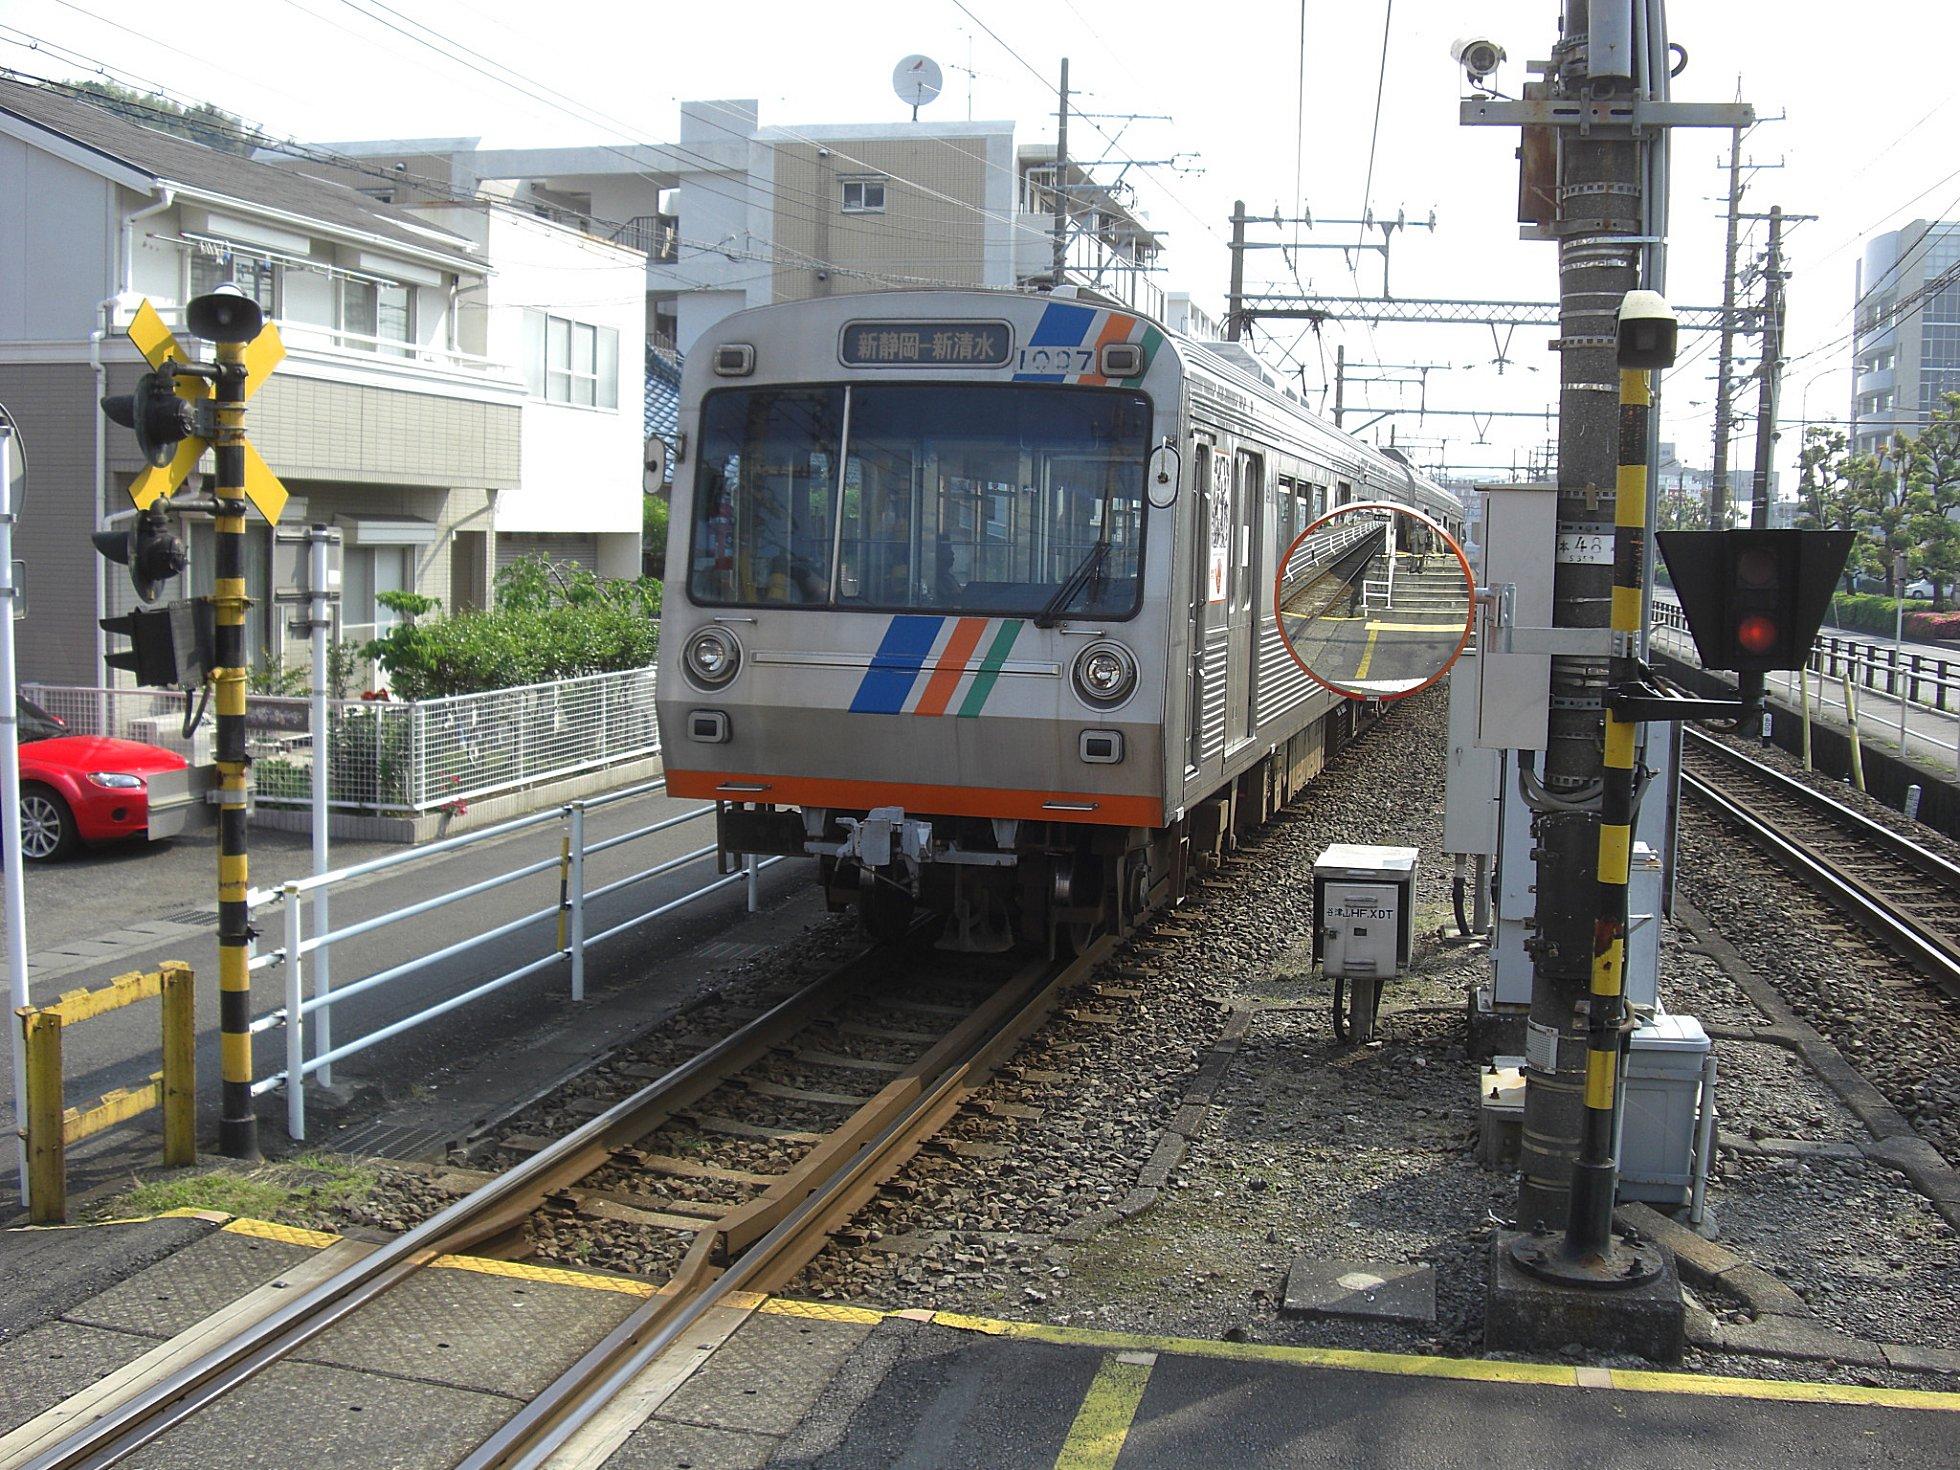 静岡ホビーショー見学で利用した静鉄1000系です。